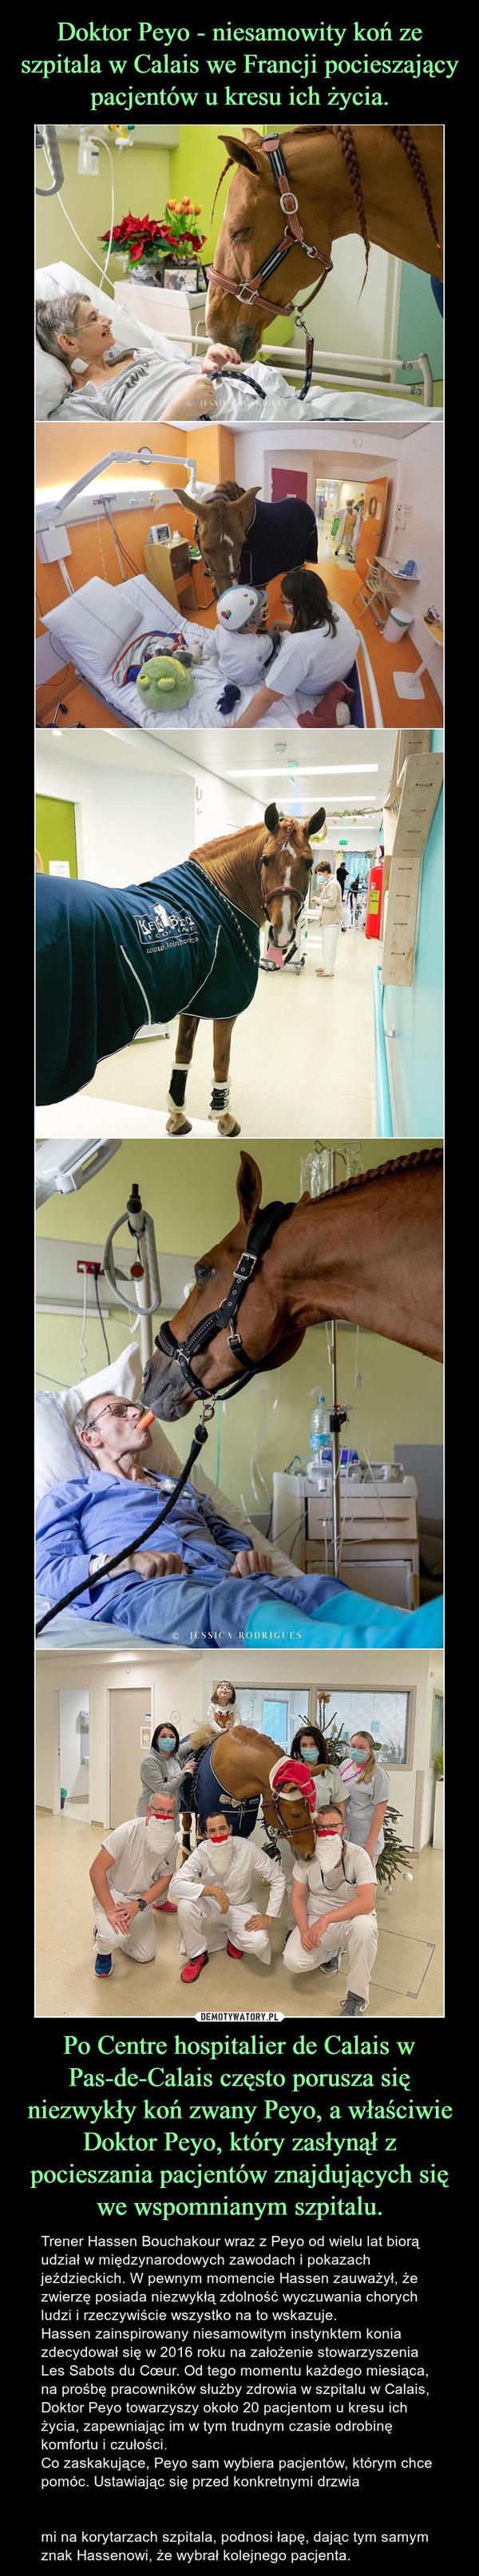 Po Centre hospitalier de Calais w Pas-de-Calais często porusza się niezwykły koń zwany Peyo, a właściwie Doktor Peyo, który zasłynął z pocieszania pacjentów znajdujących się we wspomnianym szpitalu. – Trener Hassen Bouchakour wraz z Peyo od wielu lat biorą udział w międzynarodowych zawodach i pokazach jeździeckich. W pewnym momencie Hassen zauważył, że zwierzę posiada niezwykłą zdolność wyczuwania chorych ludzi i rzeczywiście wszystko na to wskazuje.Hassen zainspirowany niesamowitym instynktem konia zdecydował się w 2016 roku na założenie stowarzyszenia Les Sabots du Cœur. Od tego momentu każdego miesiąca, na prośbę pracowników służby zdrowia w szpitalu w Calais, Doktor Peyo towarzyszy około 20 pacjentom u kresu ich życia, zapewniając im w tym trudnym czasie odrobinę komfortu i czułości.Co zaskakujące, Peyo sam wybiera pacjentów, którym chce pomóc. Ustawiając się przed konkretnymi drzwiami na korytarzach szpitala, podnosi łapę, dając tym samym znak Hassenowi, że wybrał kolejnego pacjenta.